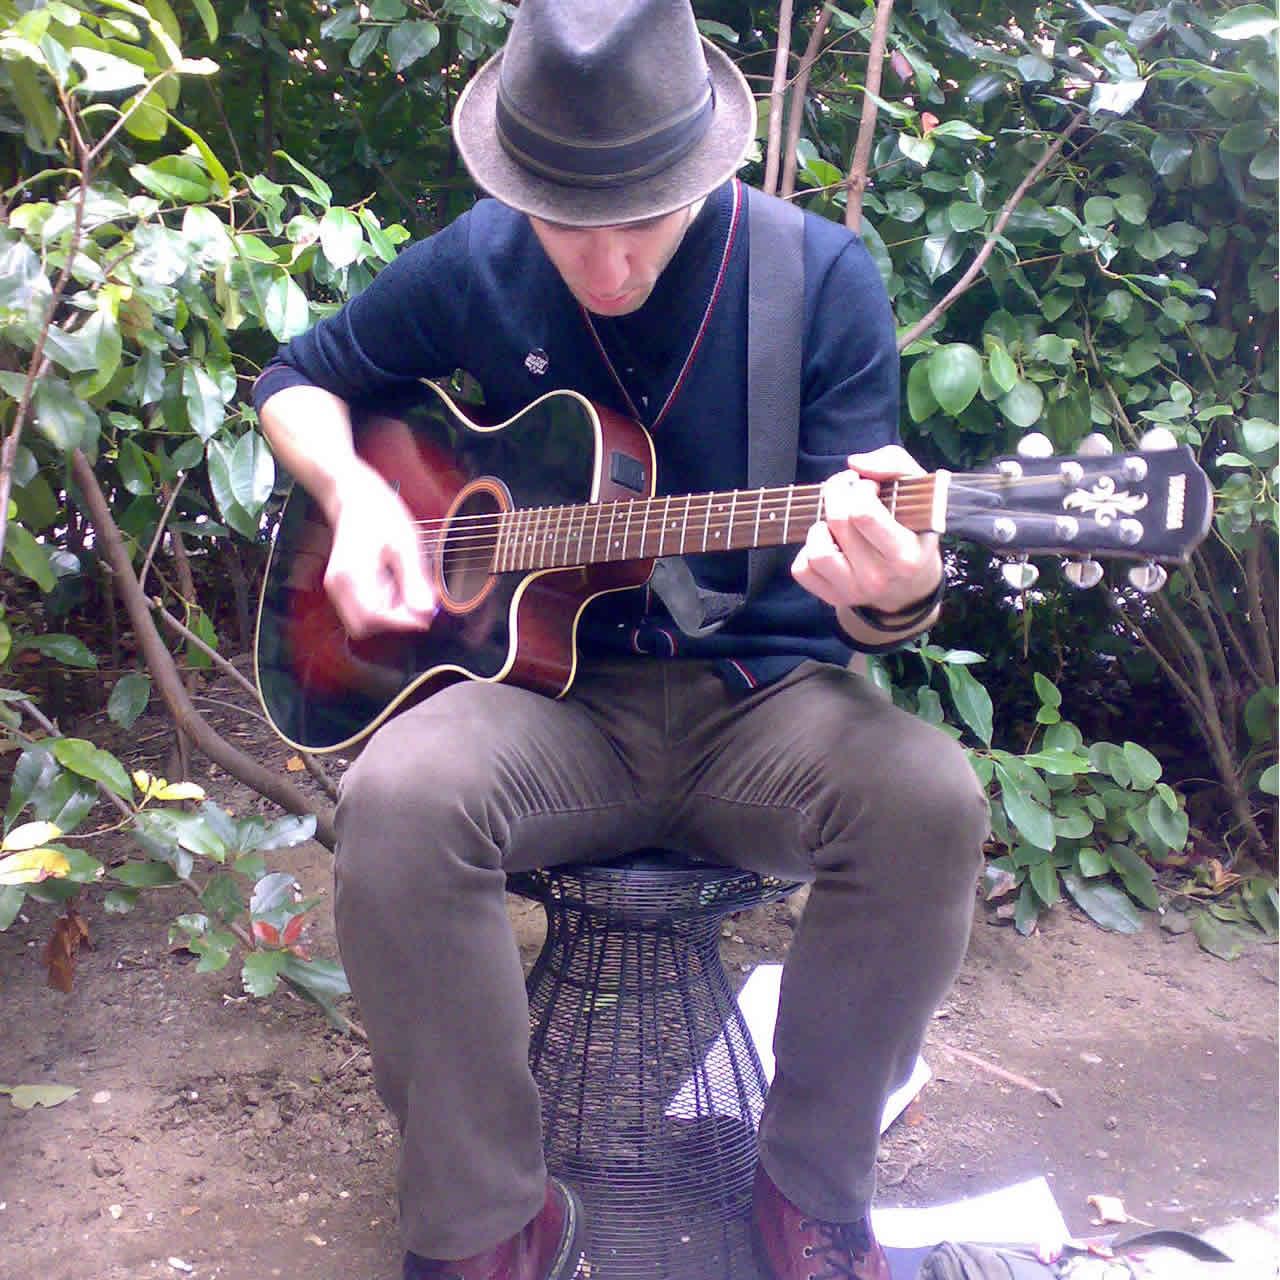 Promo Dan Greener Solo Singer / Guitarist Newcastle Upon Tyne